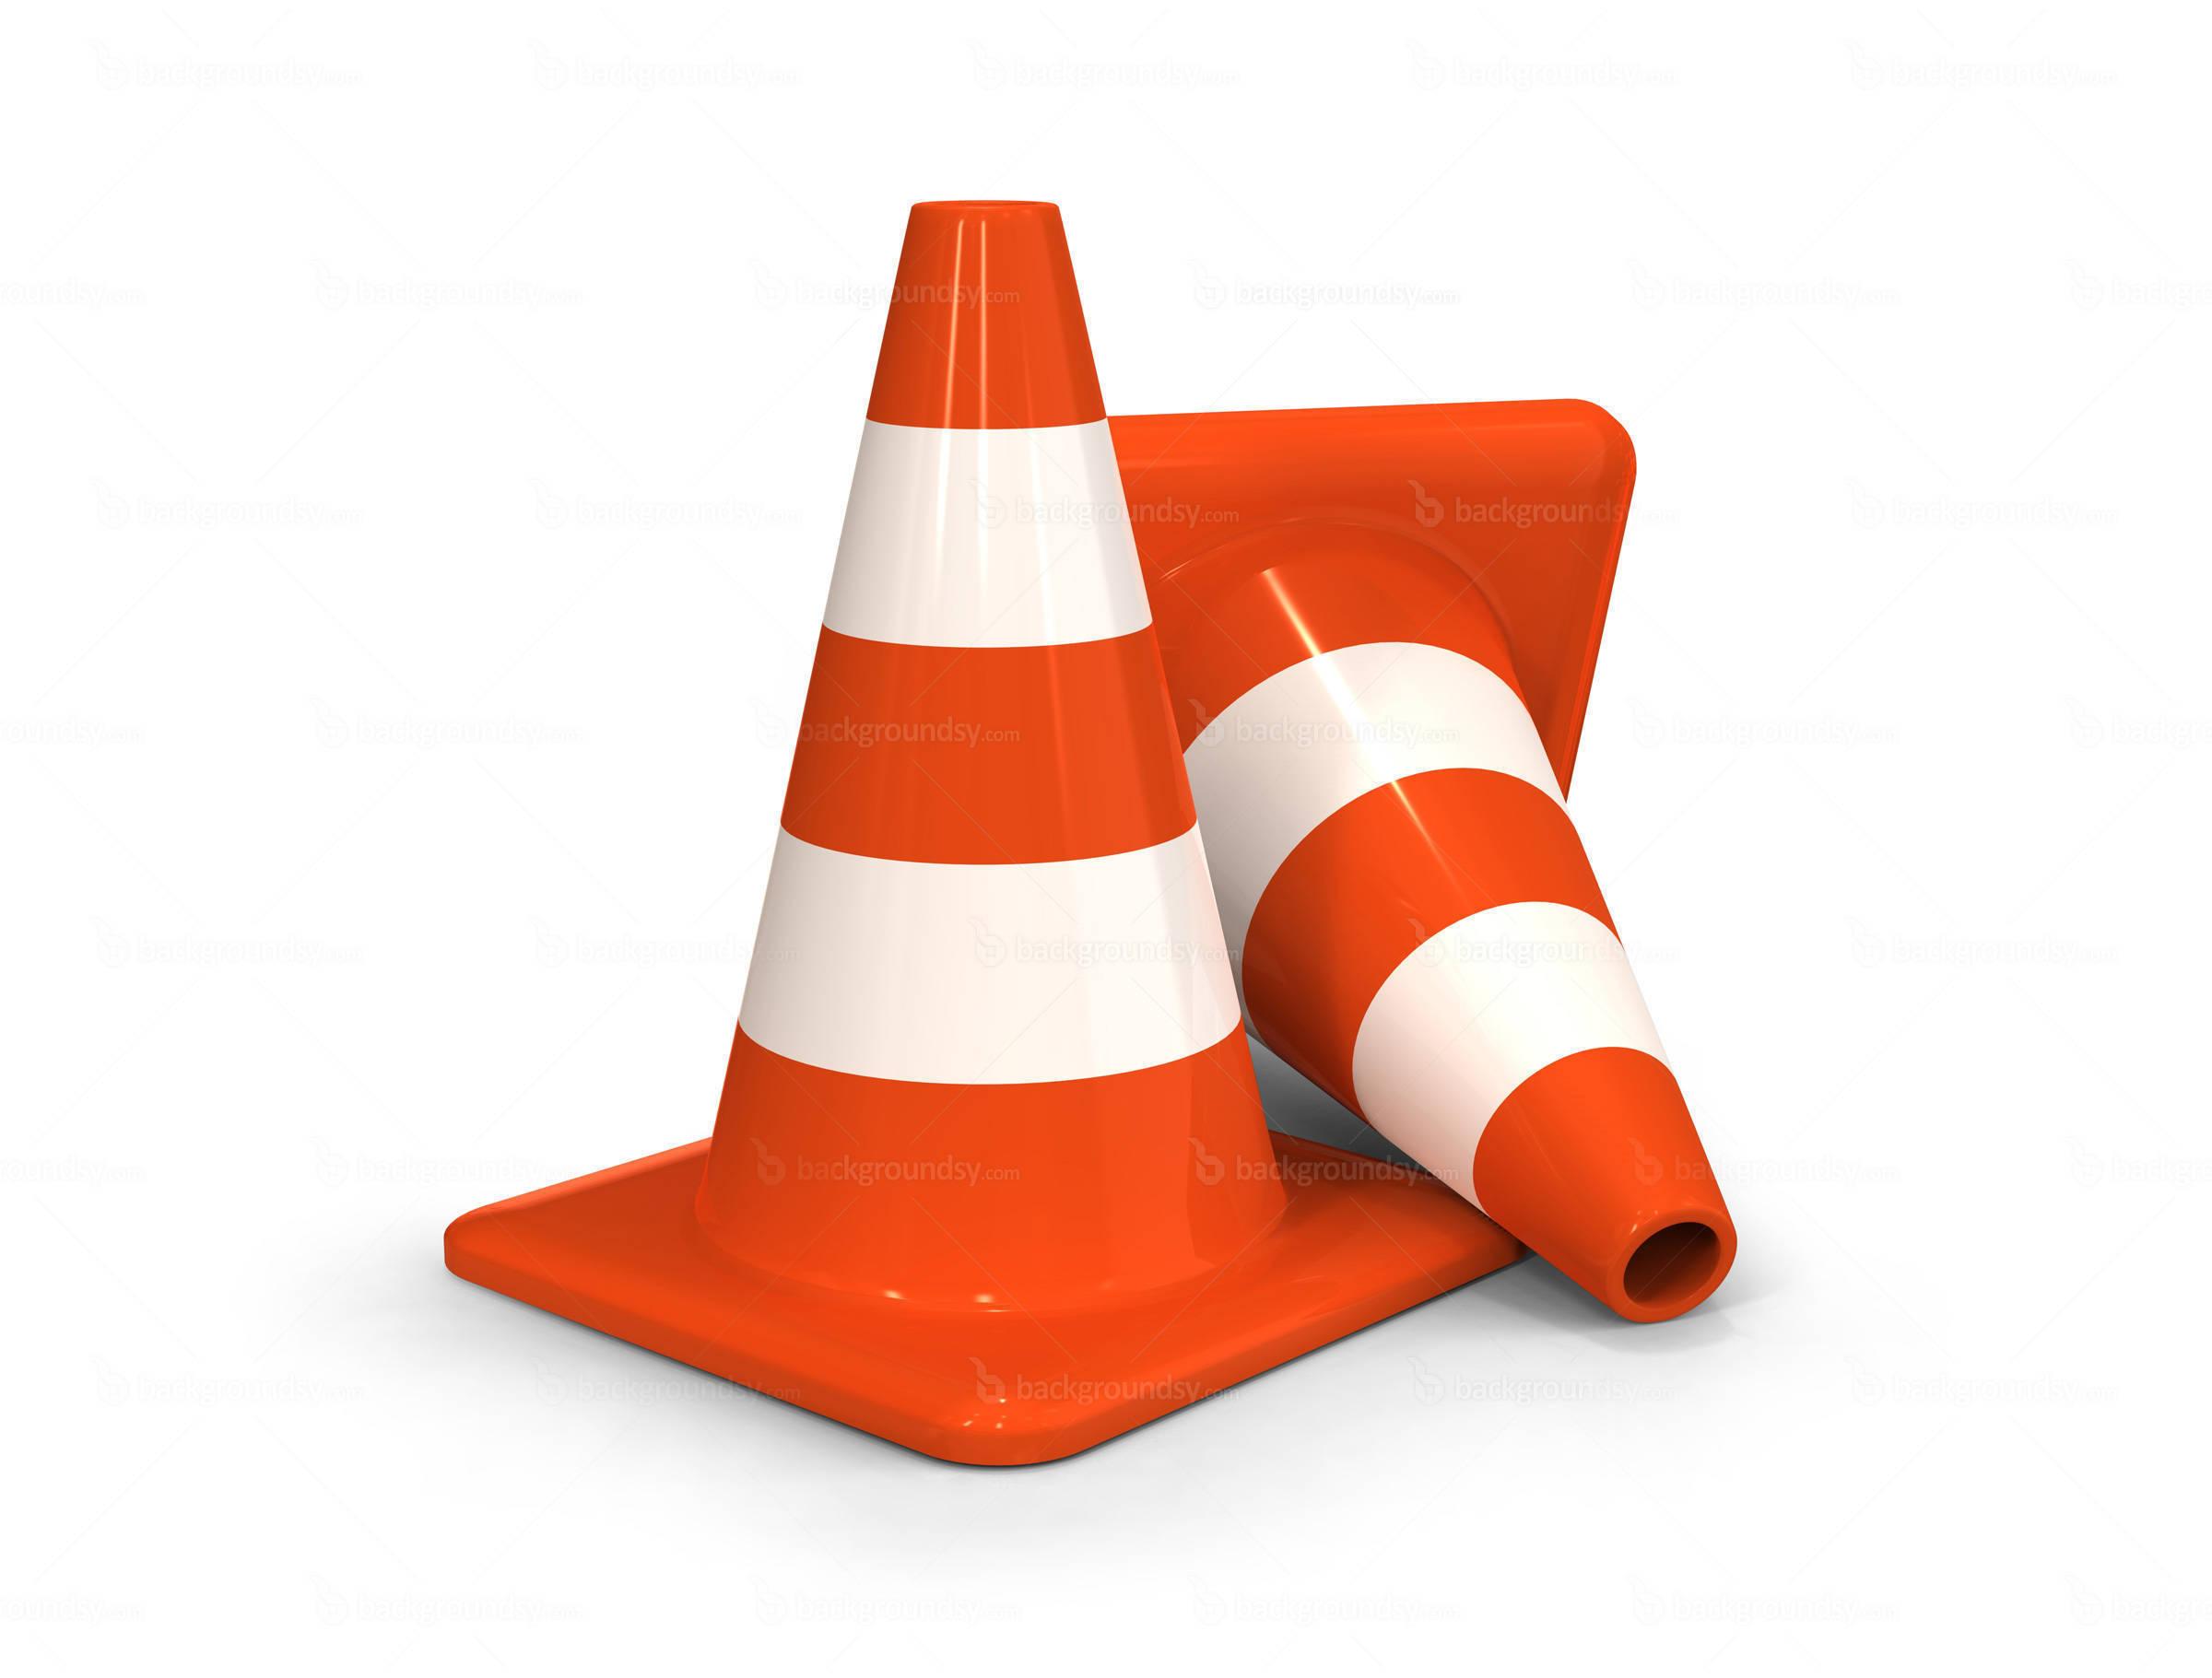 6395a748bcb7e213e70d_4e620bb8e9d14de13618_traffic-cones-ErVxZo-clipart.jpg